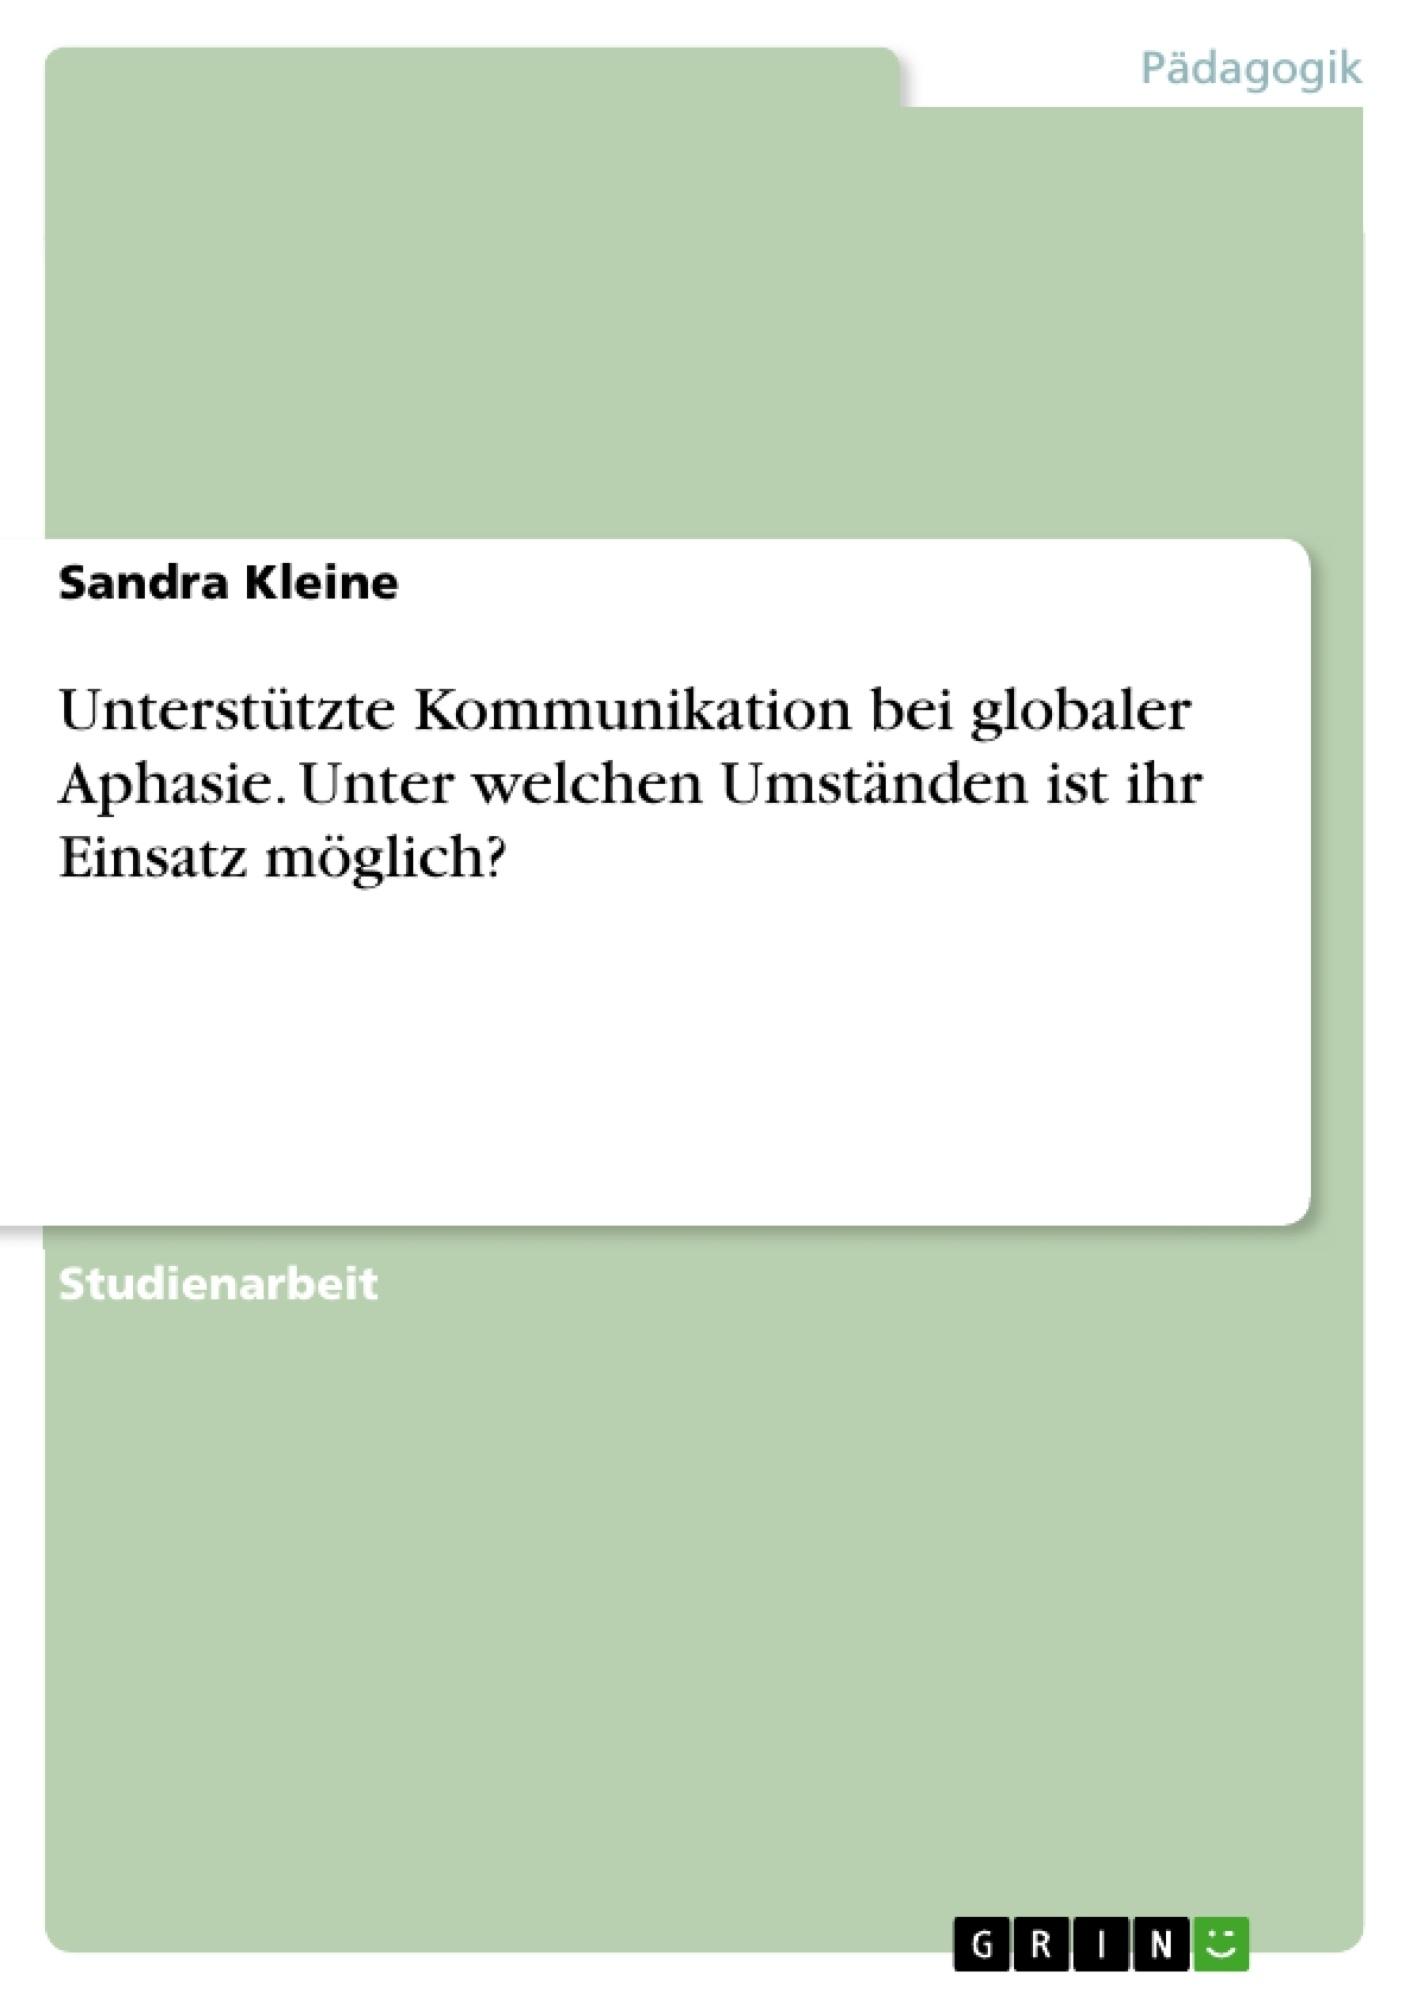 Titel: Unterstützte Kommunikation bei globaler Aphasie. Unter welchen Umständen ist ihr Einsatz möglich?